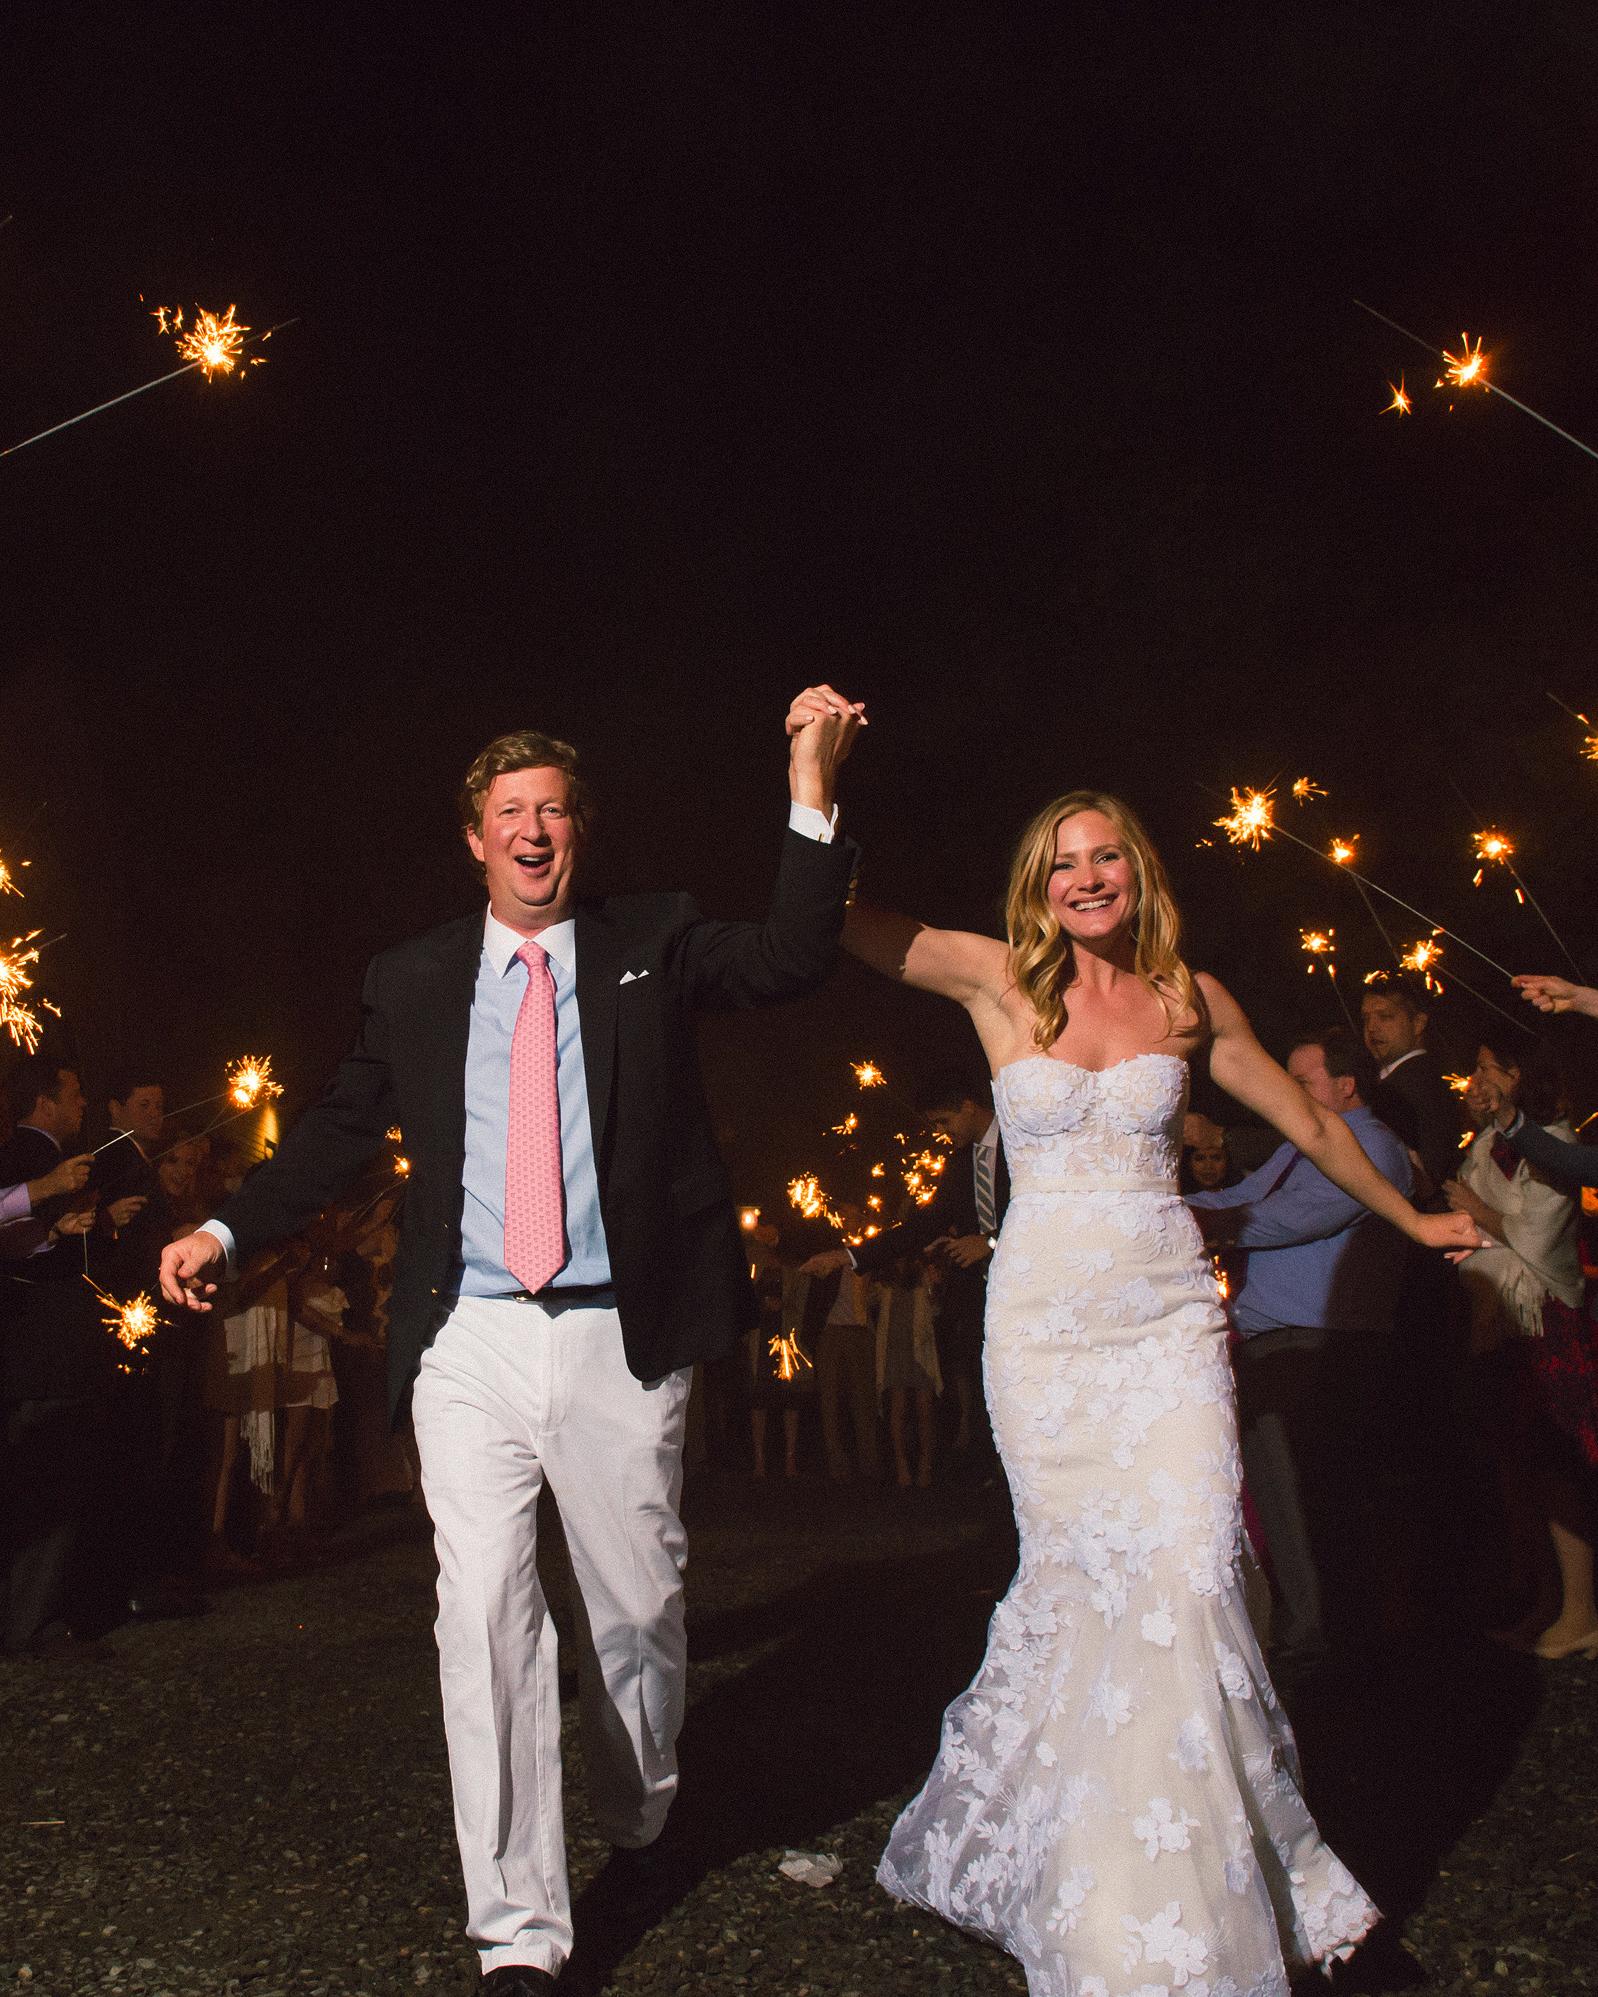 katy andrew wedding sparklers